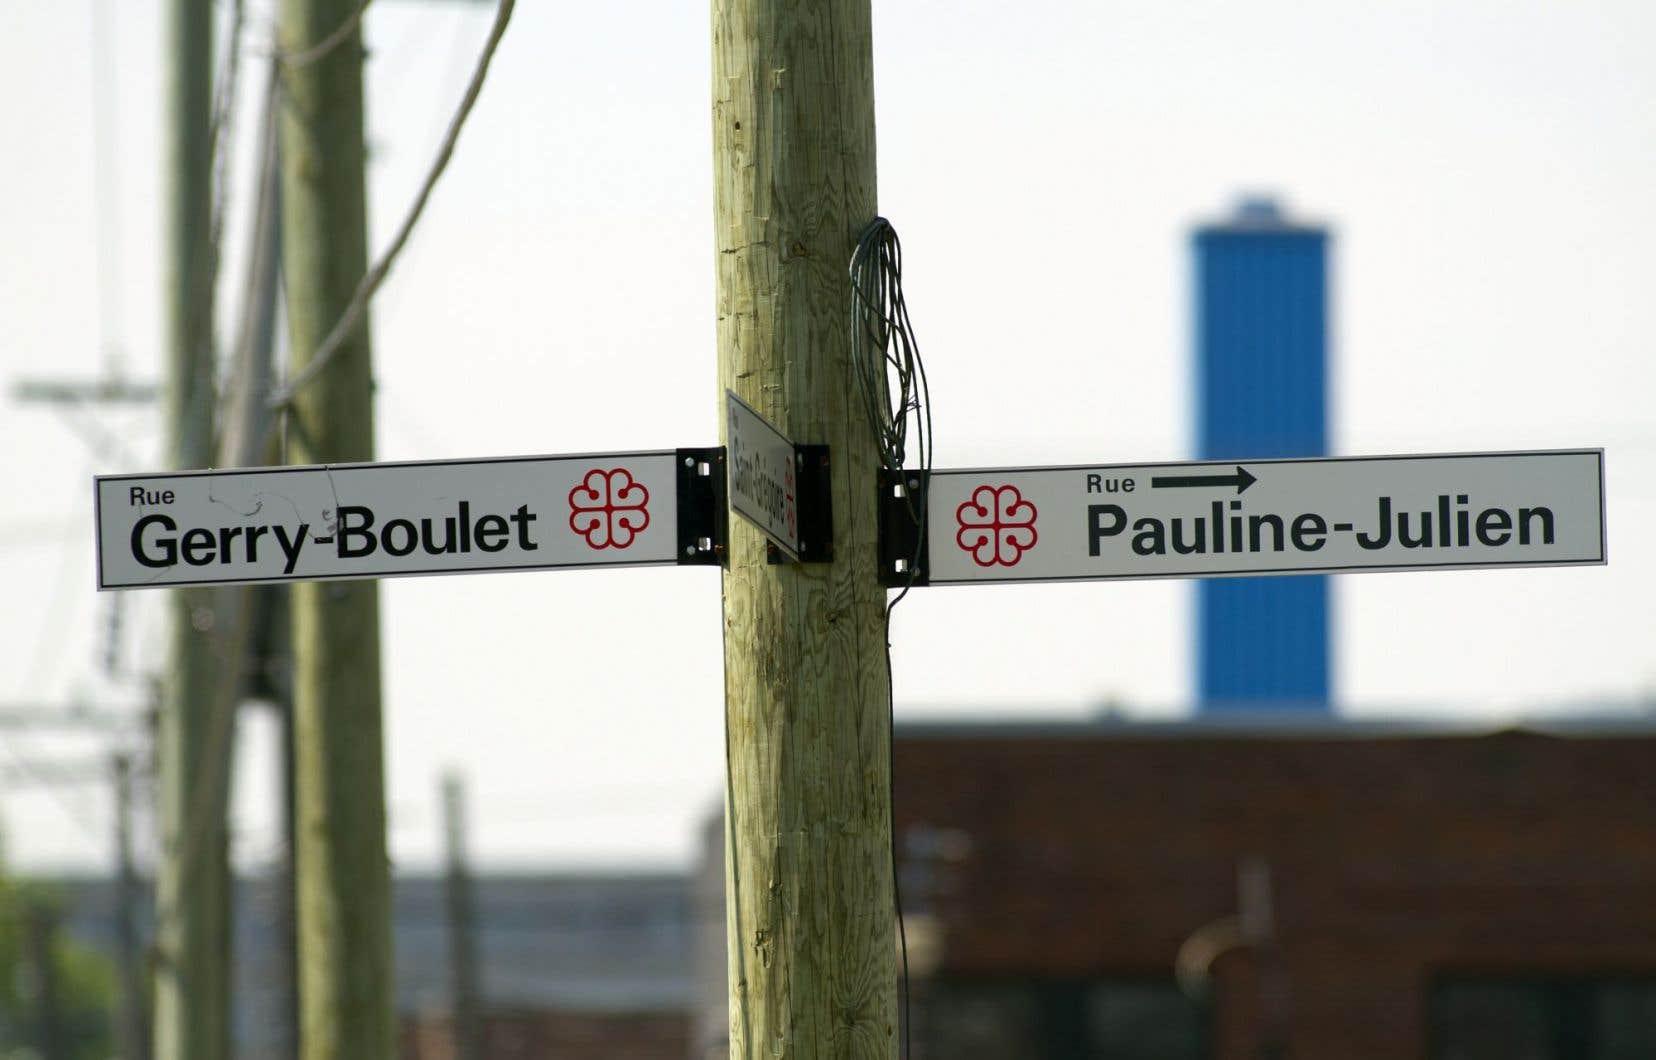 Si 51% des lieux montréalais portent des noms d'hommes, seuls 6% s'inspirent de grands personnages féminins. Encore en 2014, la Ville a ajouté 17 hommes pour 3 femmes seulement.